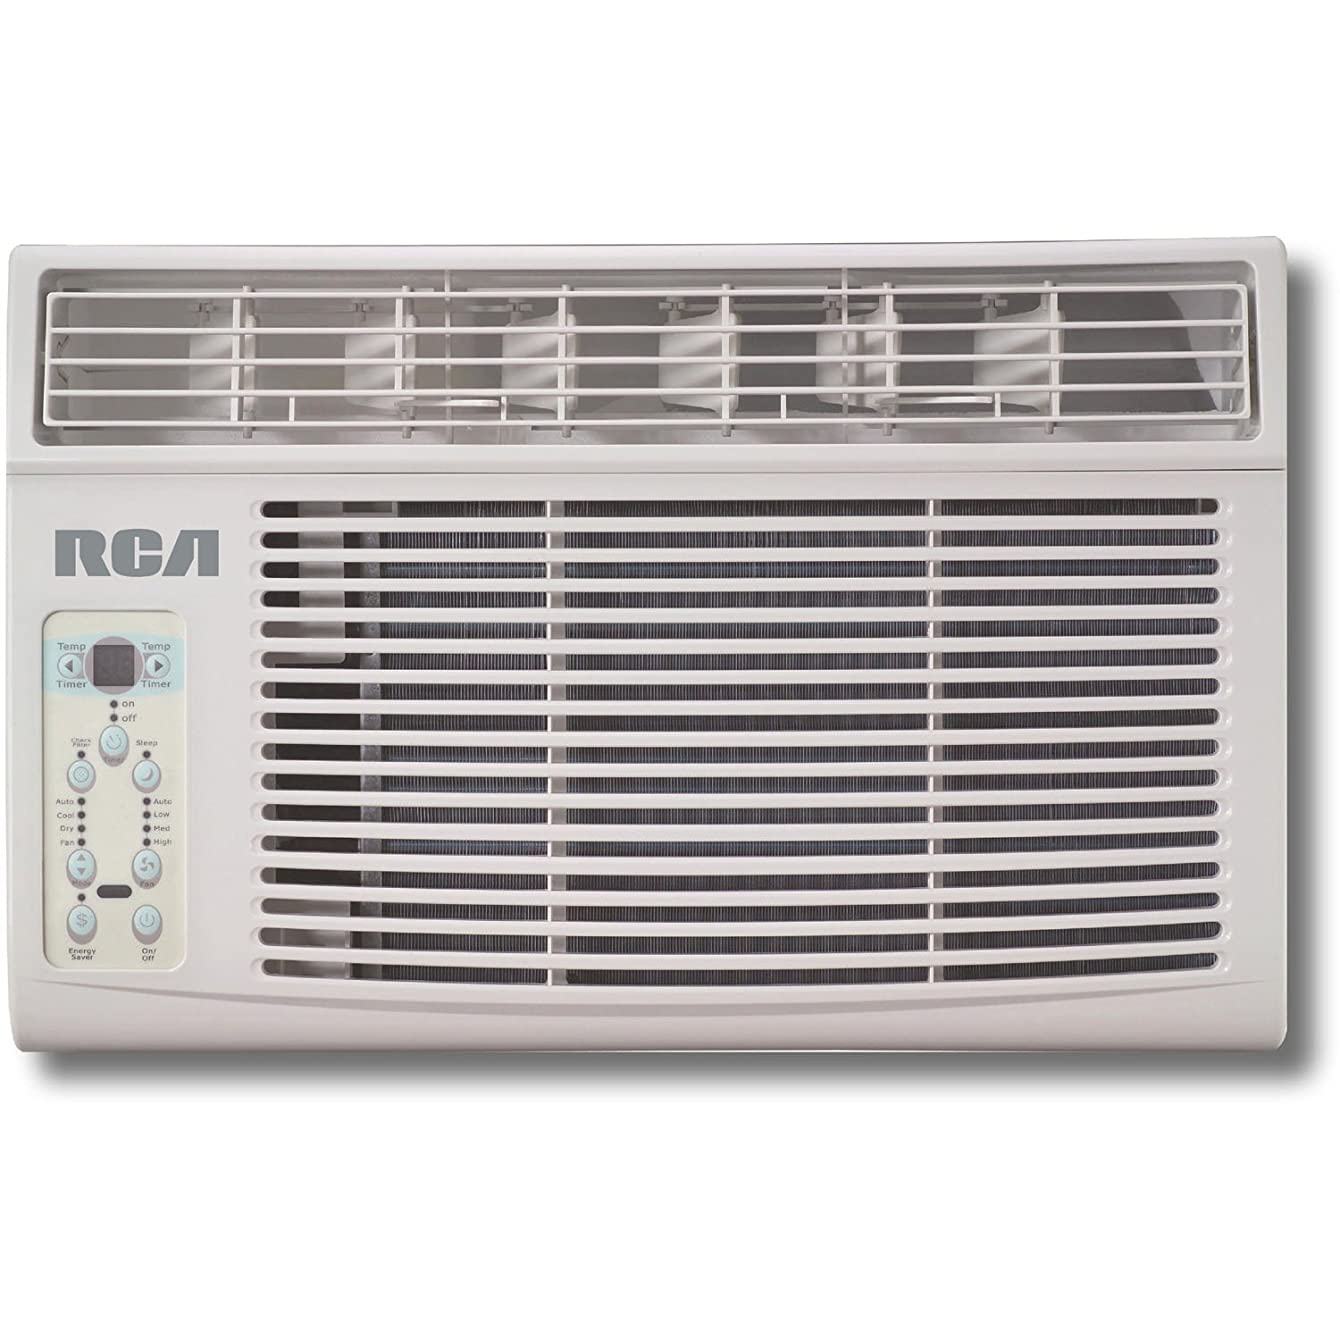 RCA RACE1202E 12,000 BTU 115V Remote Control Window Air Conditioner, White xzawxpsvqwslq90